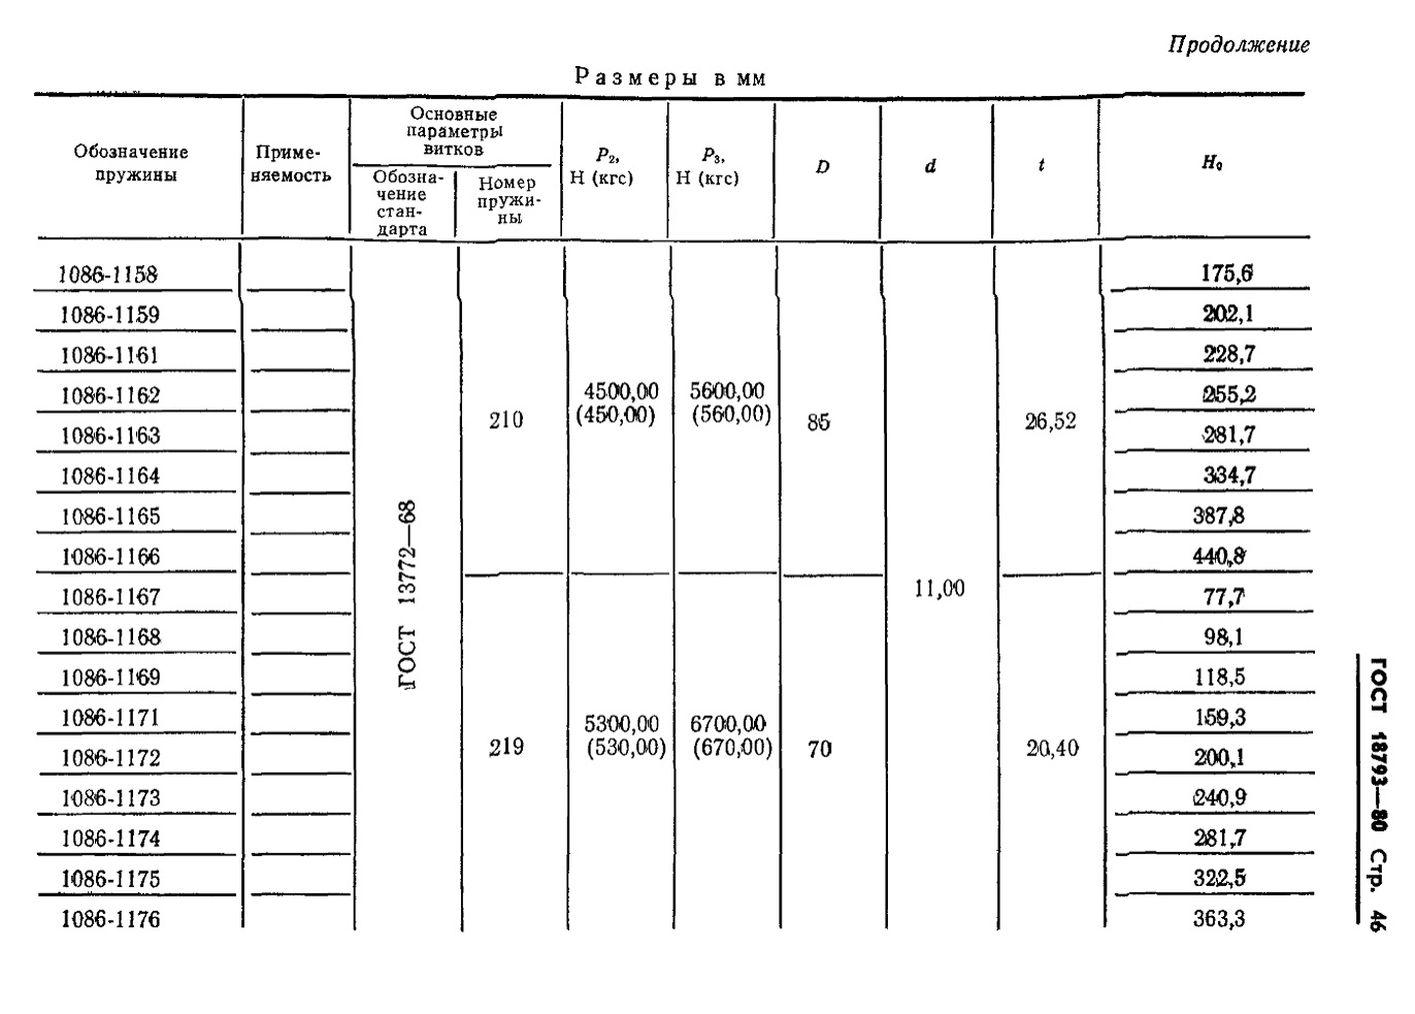 Пружины сжатия ГОСТ 18793-80 стр.46